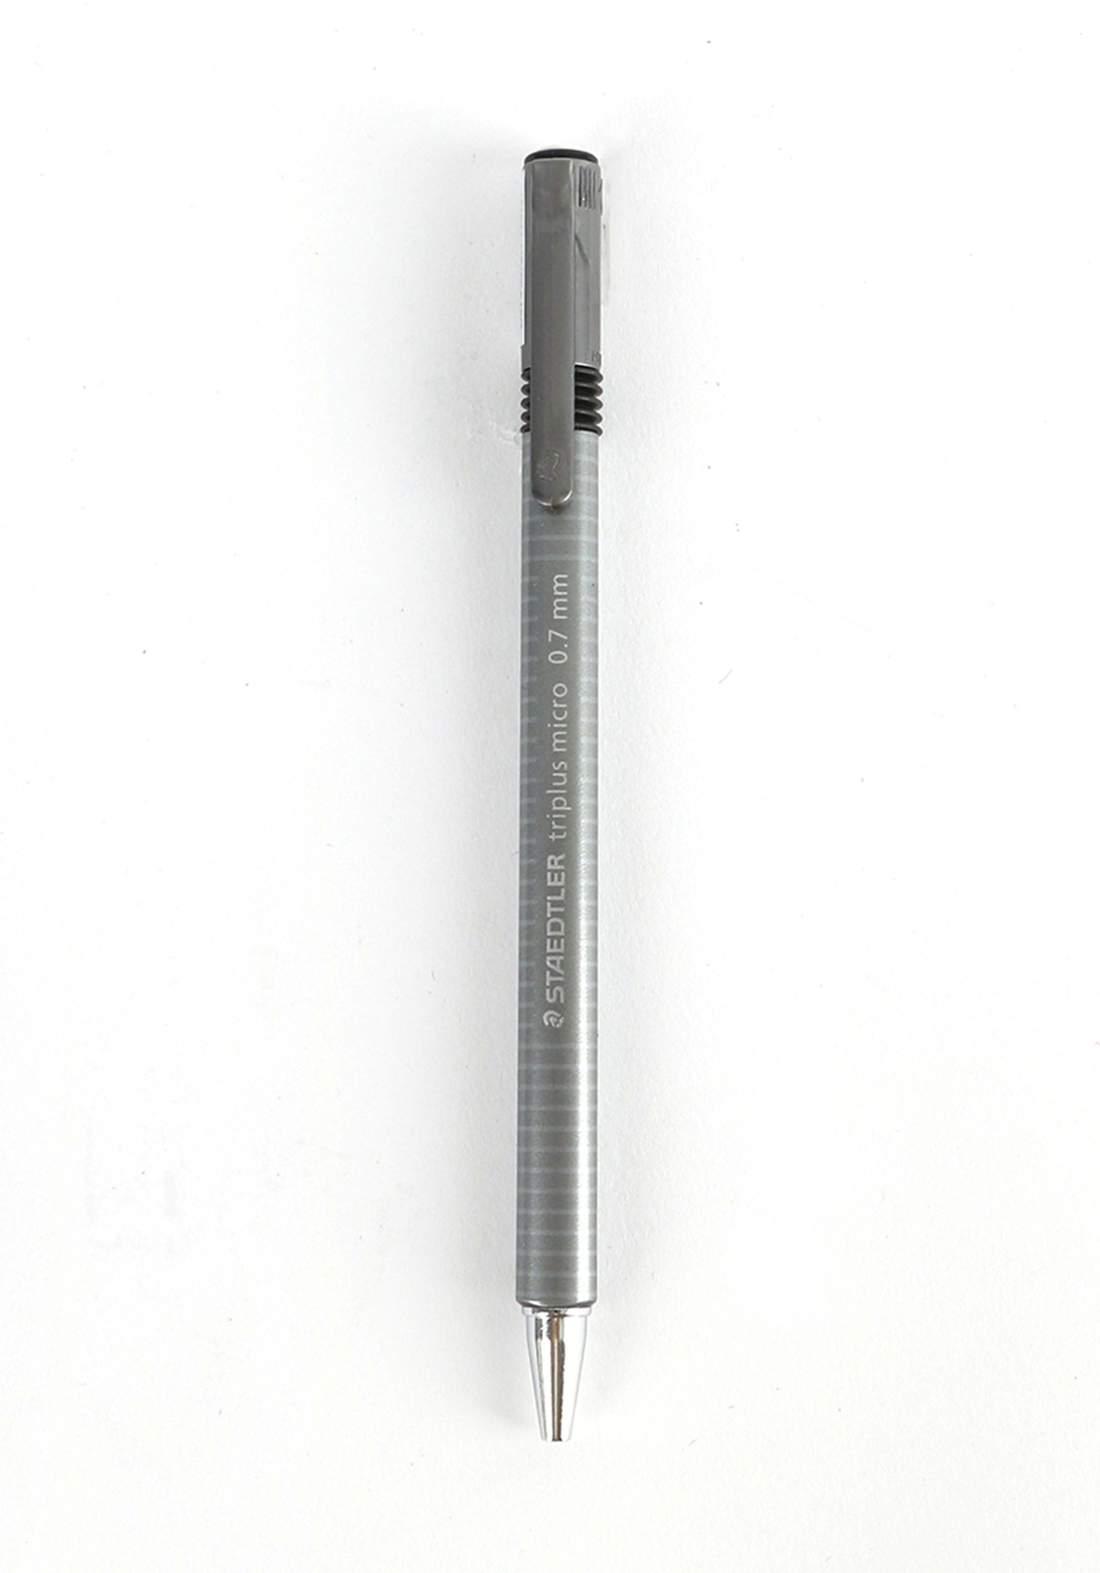 قلم رصاص ميكانيكي0.7 ملم